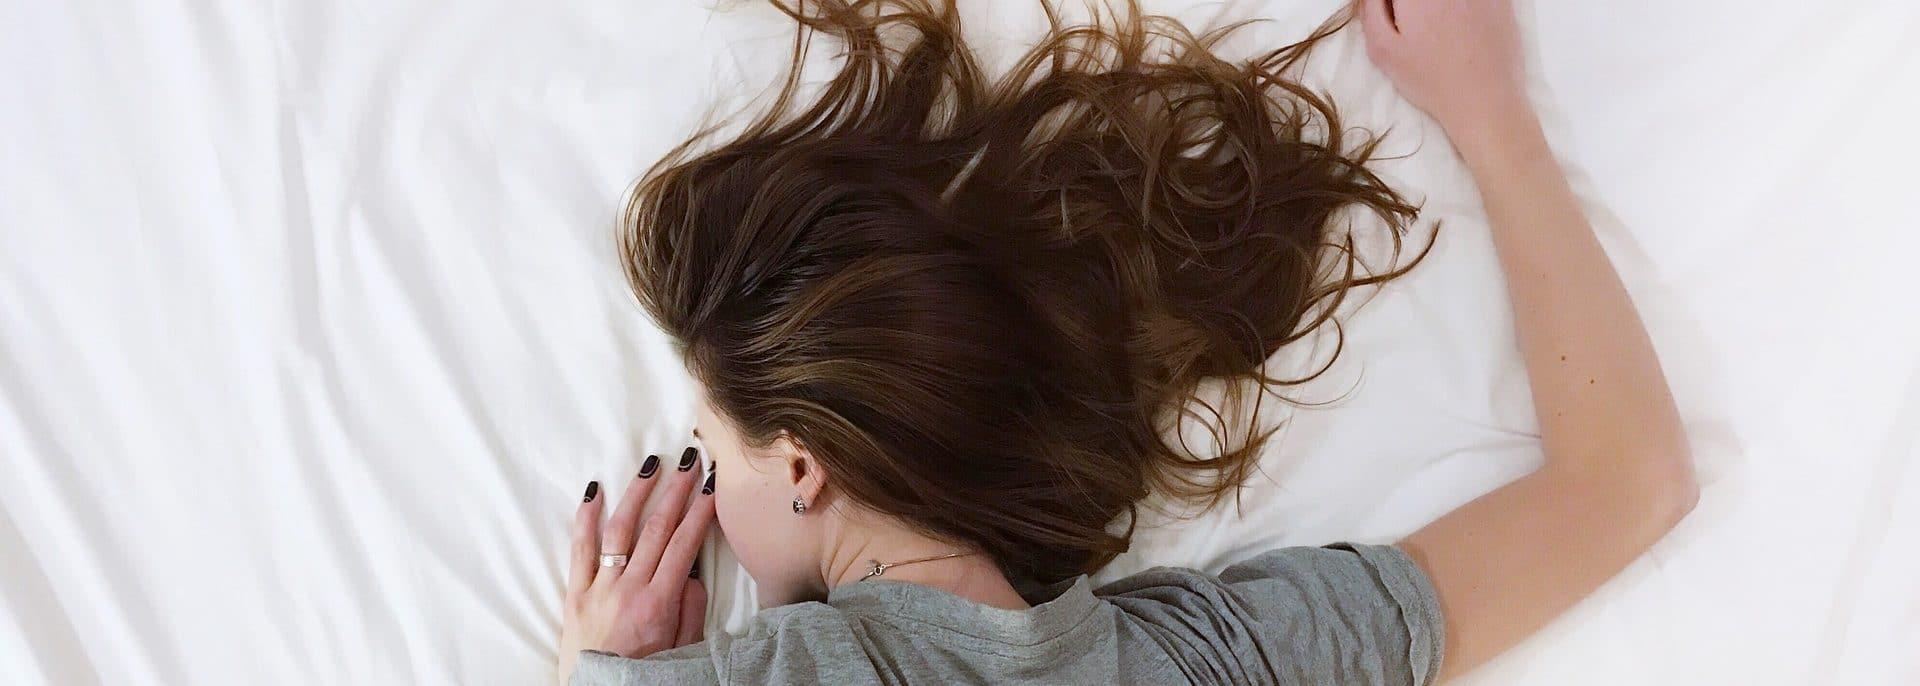 Frau schläft unruhig